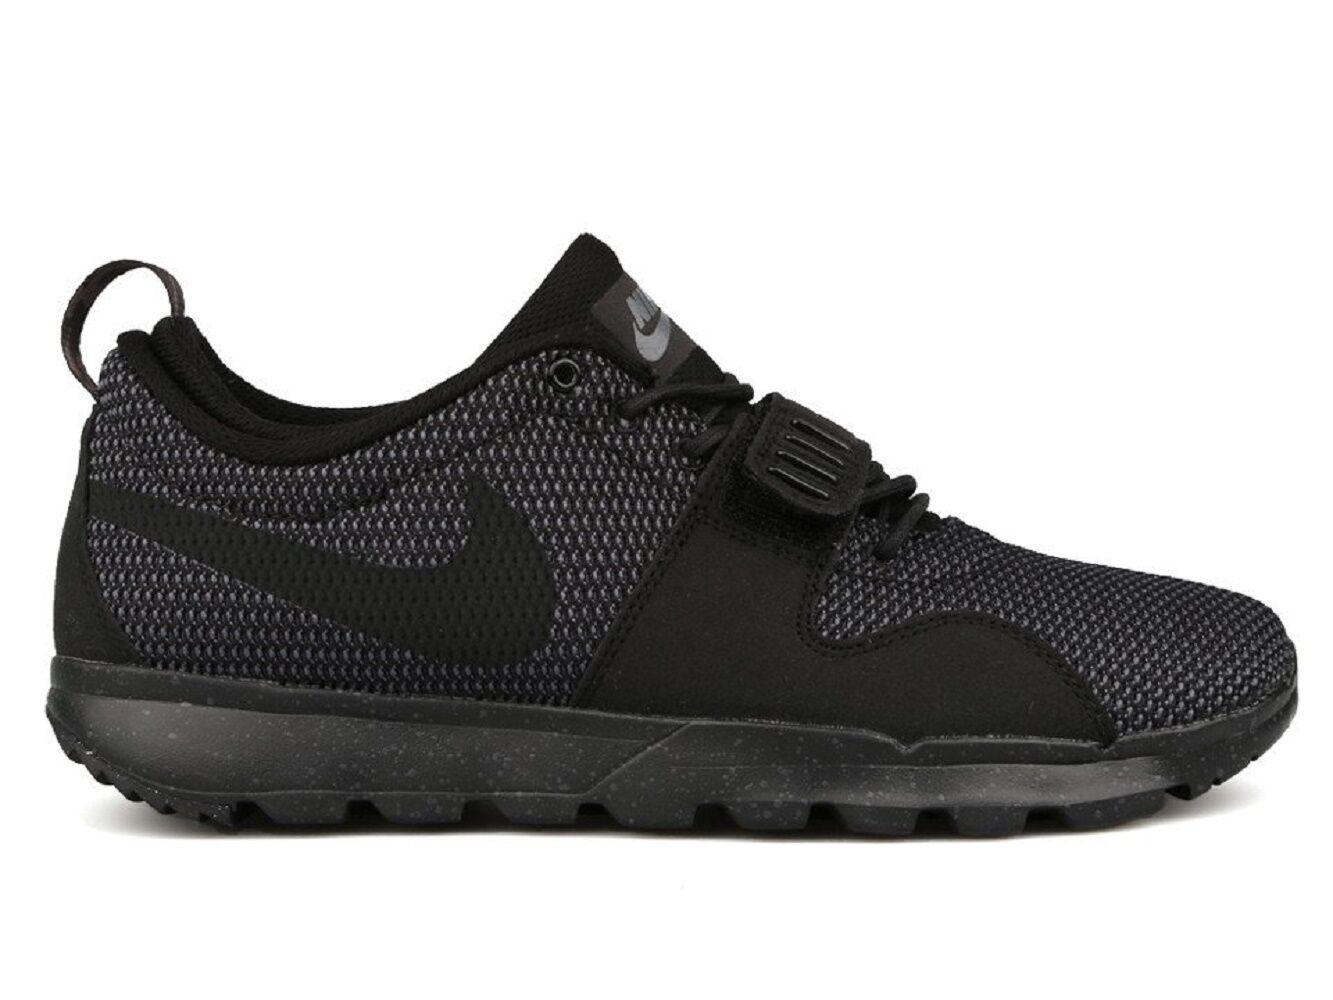 Nike TRAINERENDOR noir Dark  Gris  athlétique chaussures Skate 616575-002 (501) homme chaussures athlétique e505b5